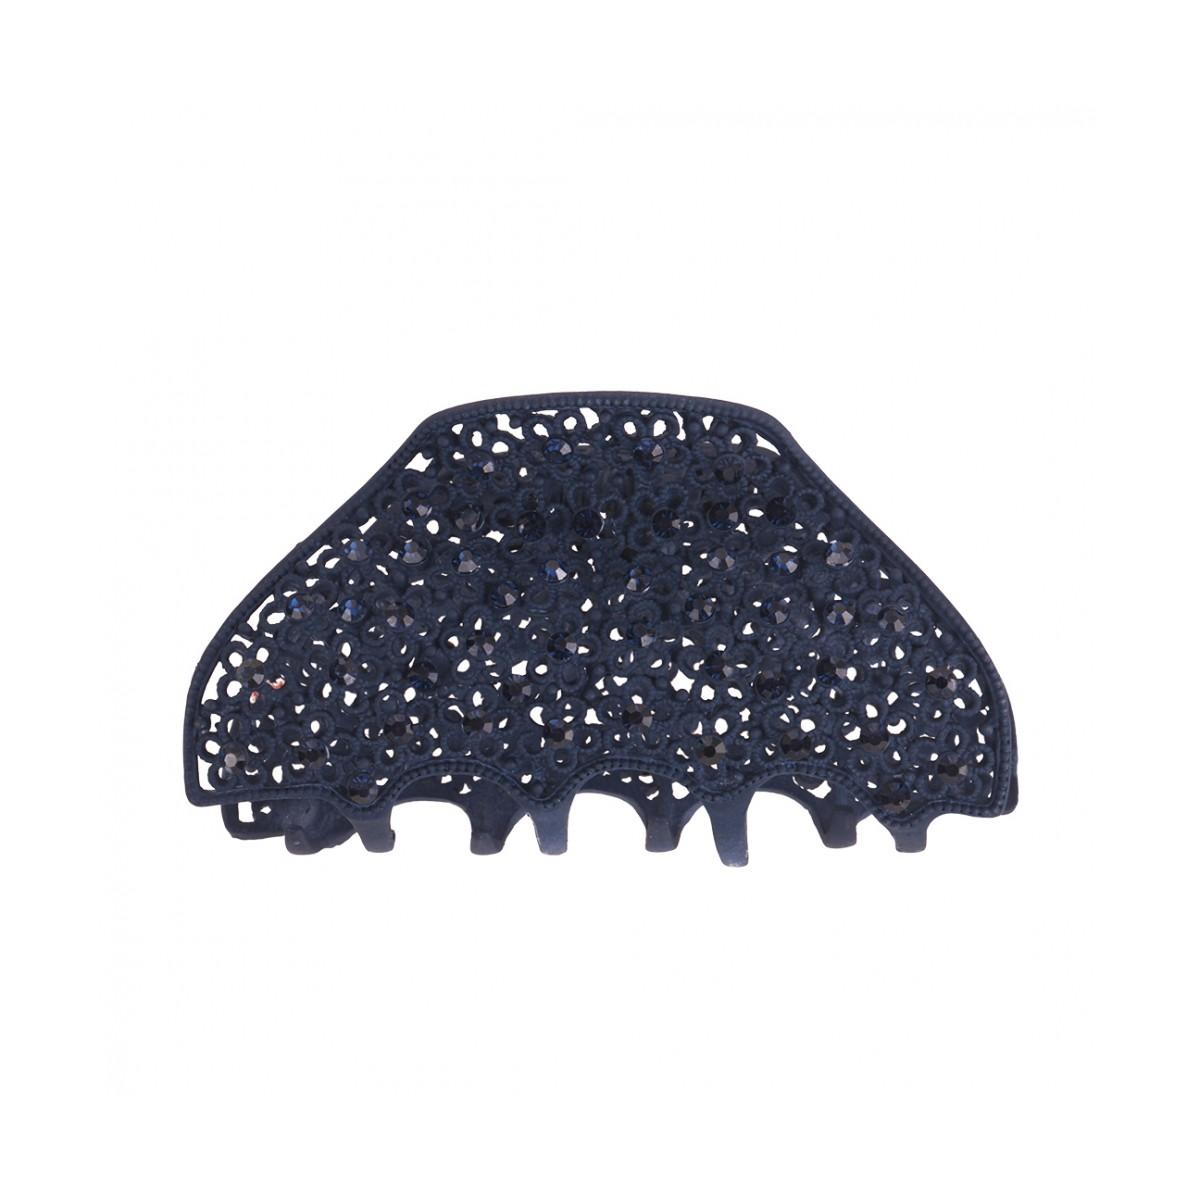 Klamra do włosów- Premium 130296